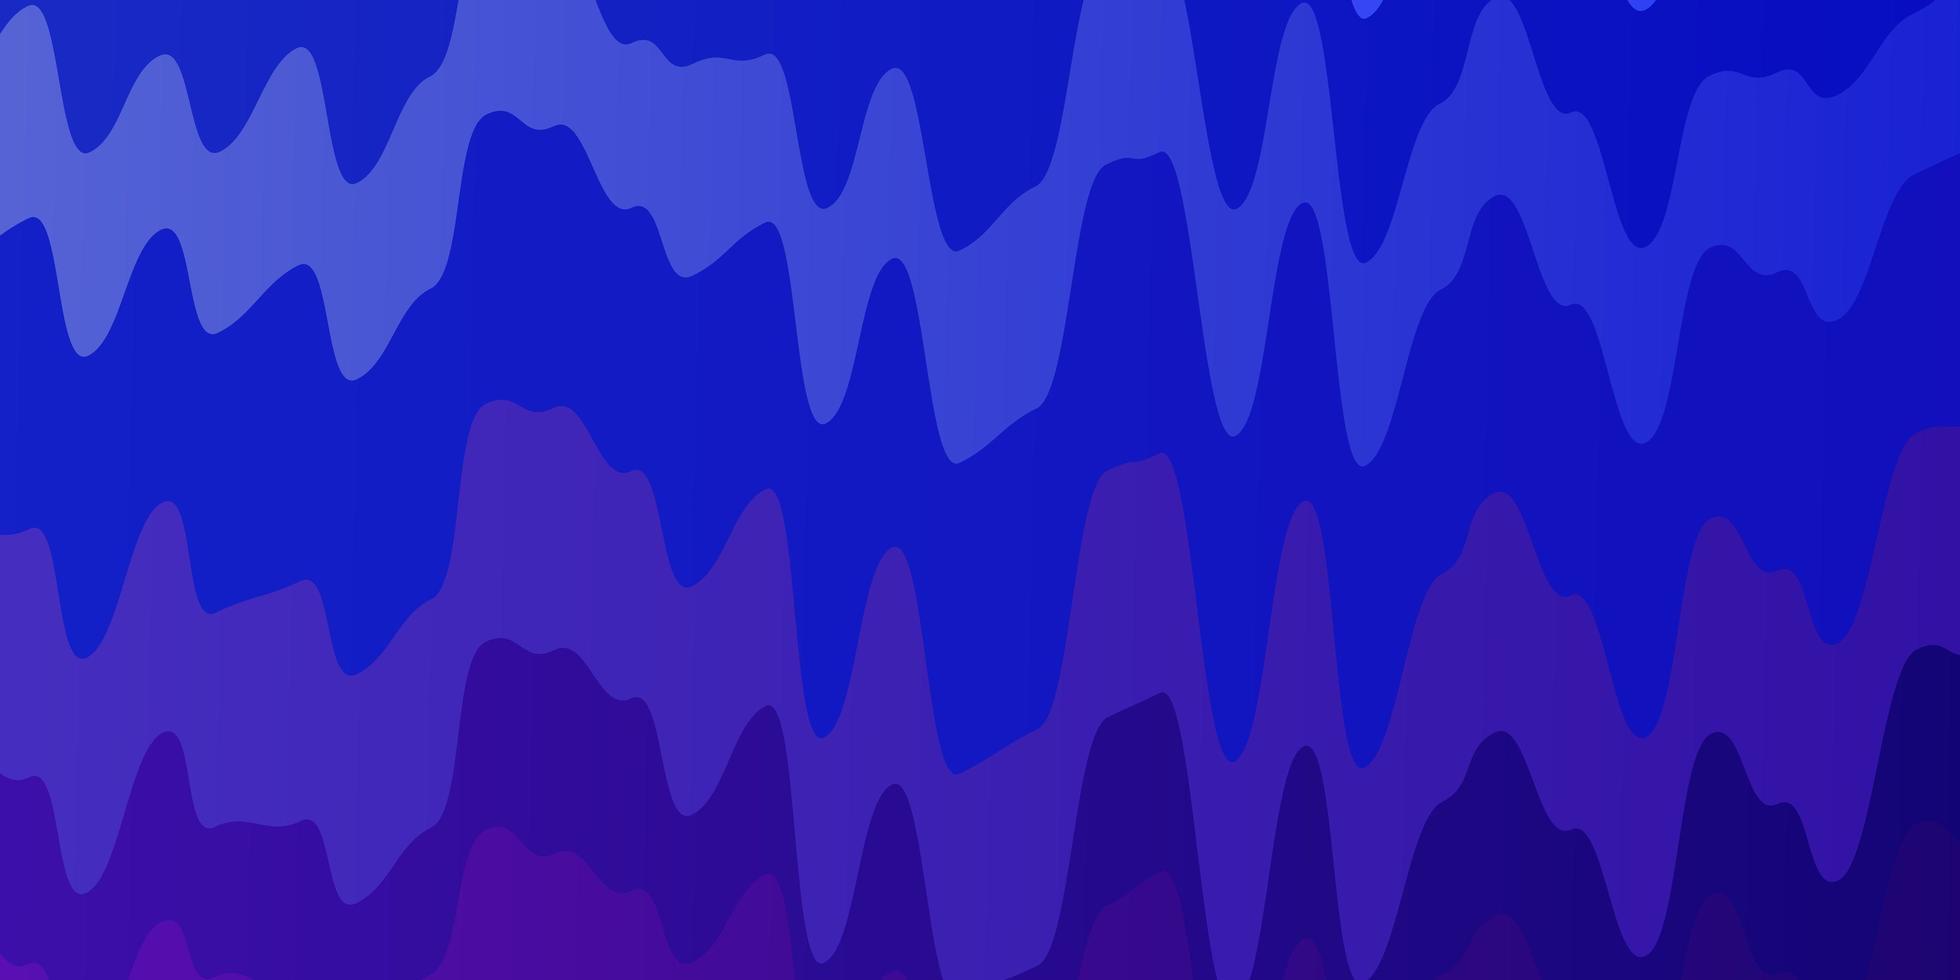 fond bleu, violet avec des lignes ondulées. vecteur